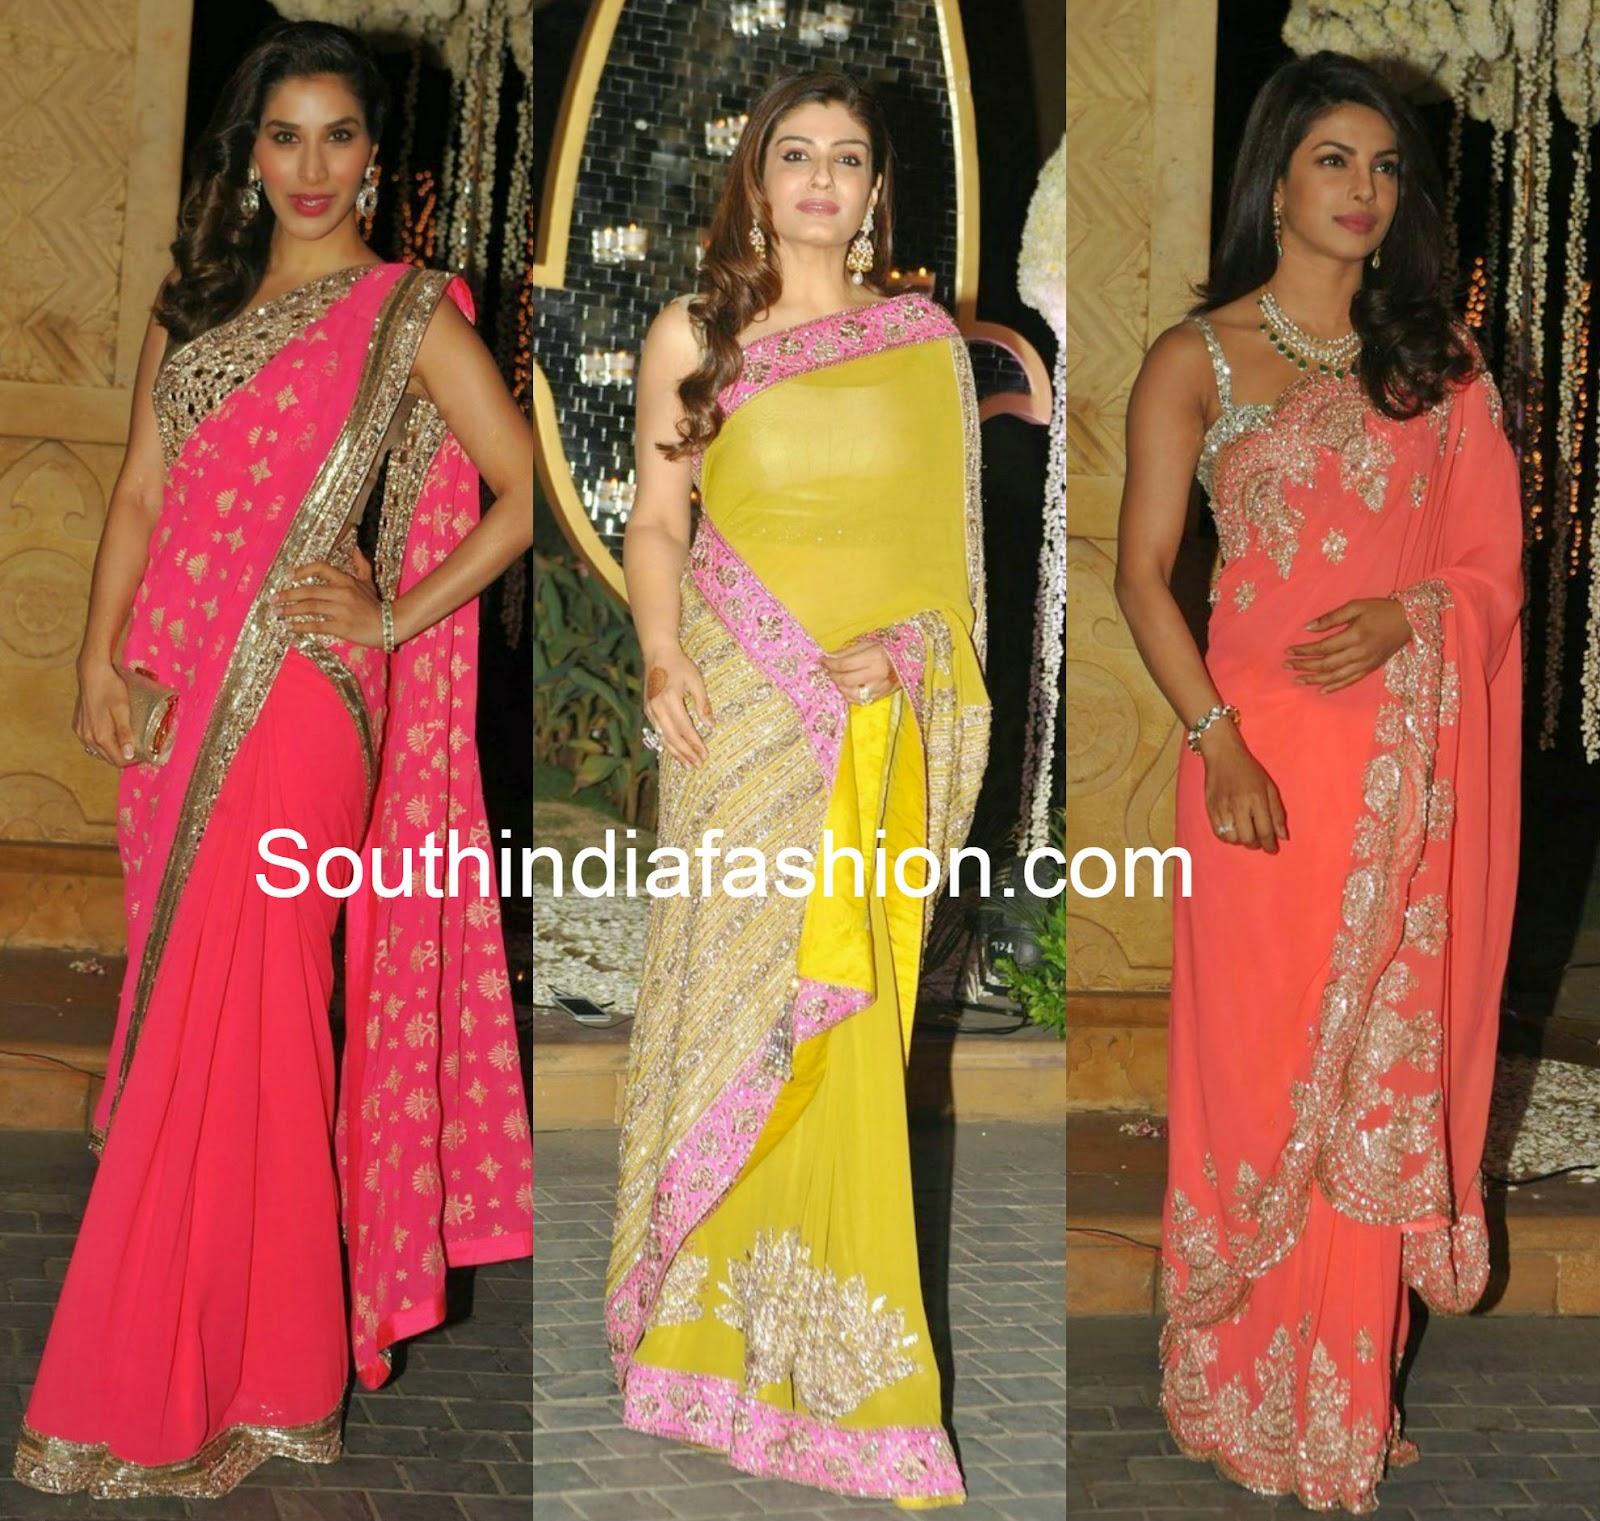 bollywood actress in manish malhotra sarees